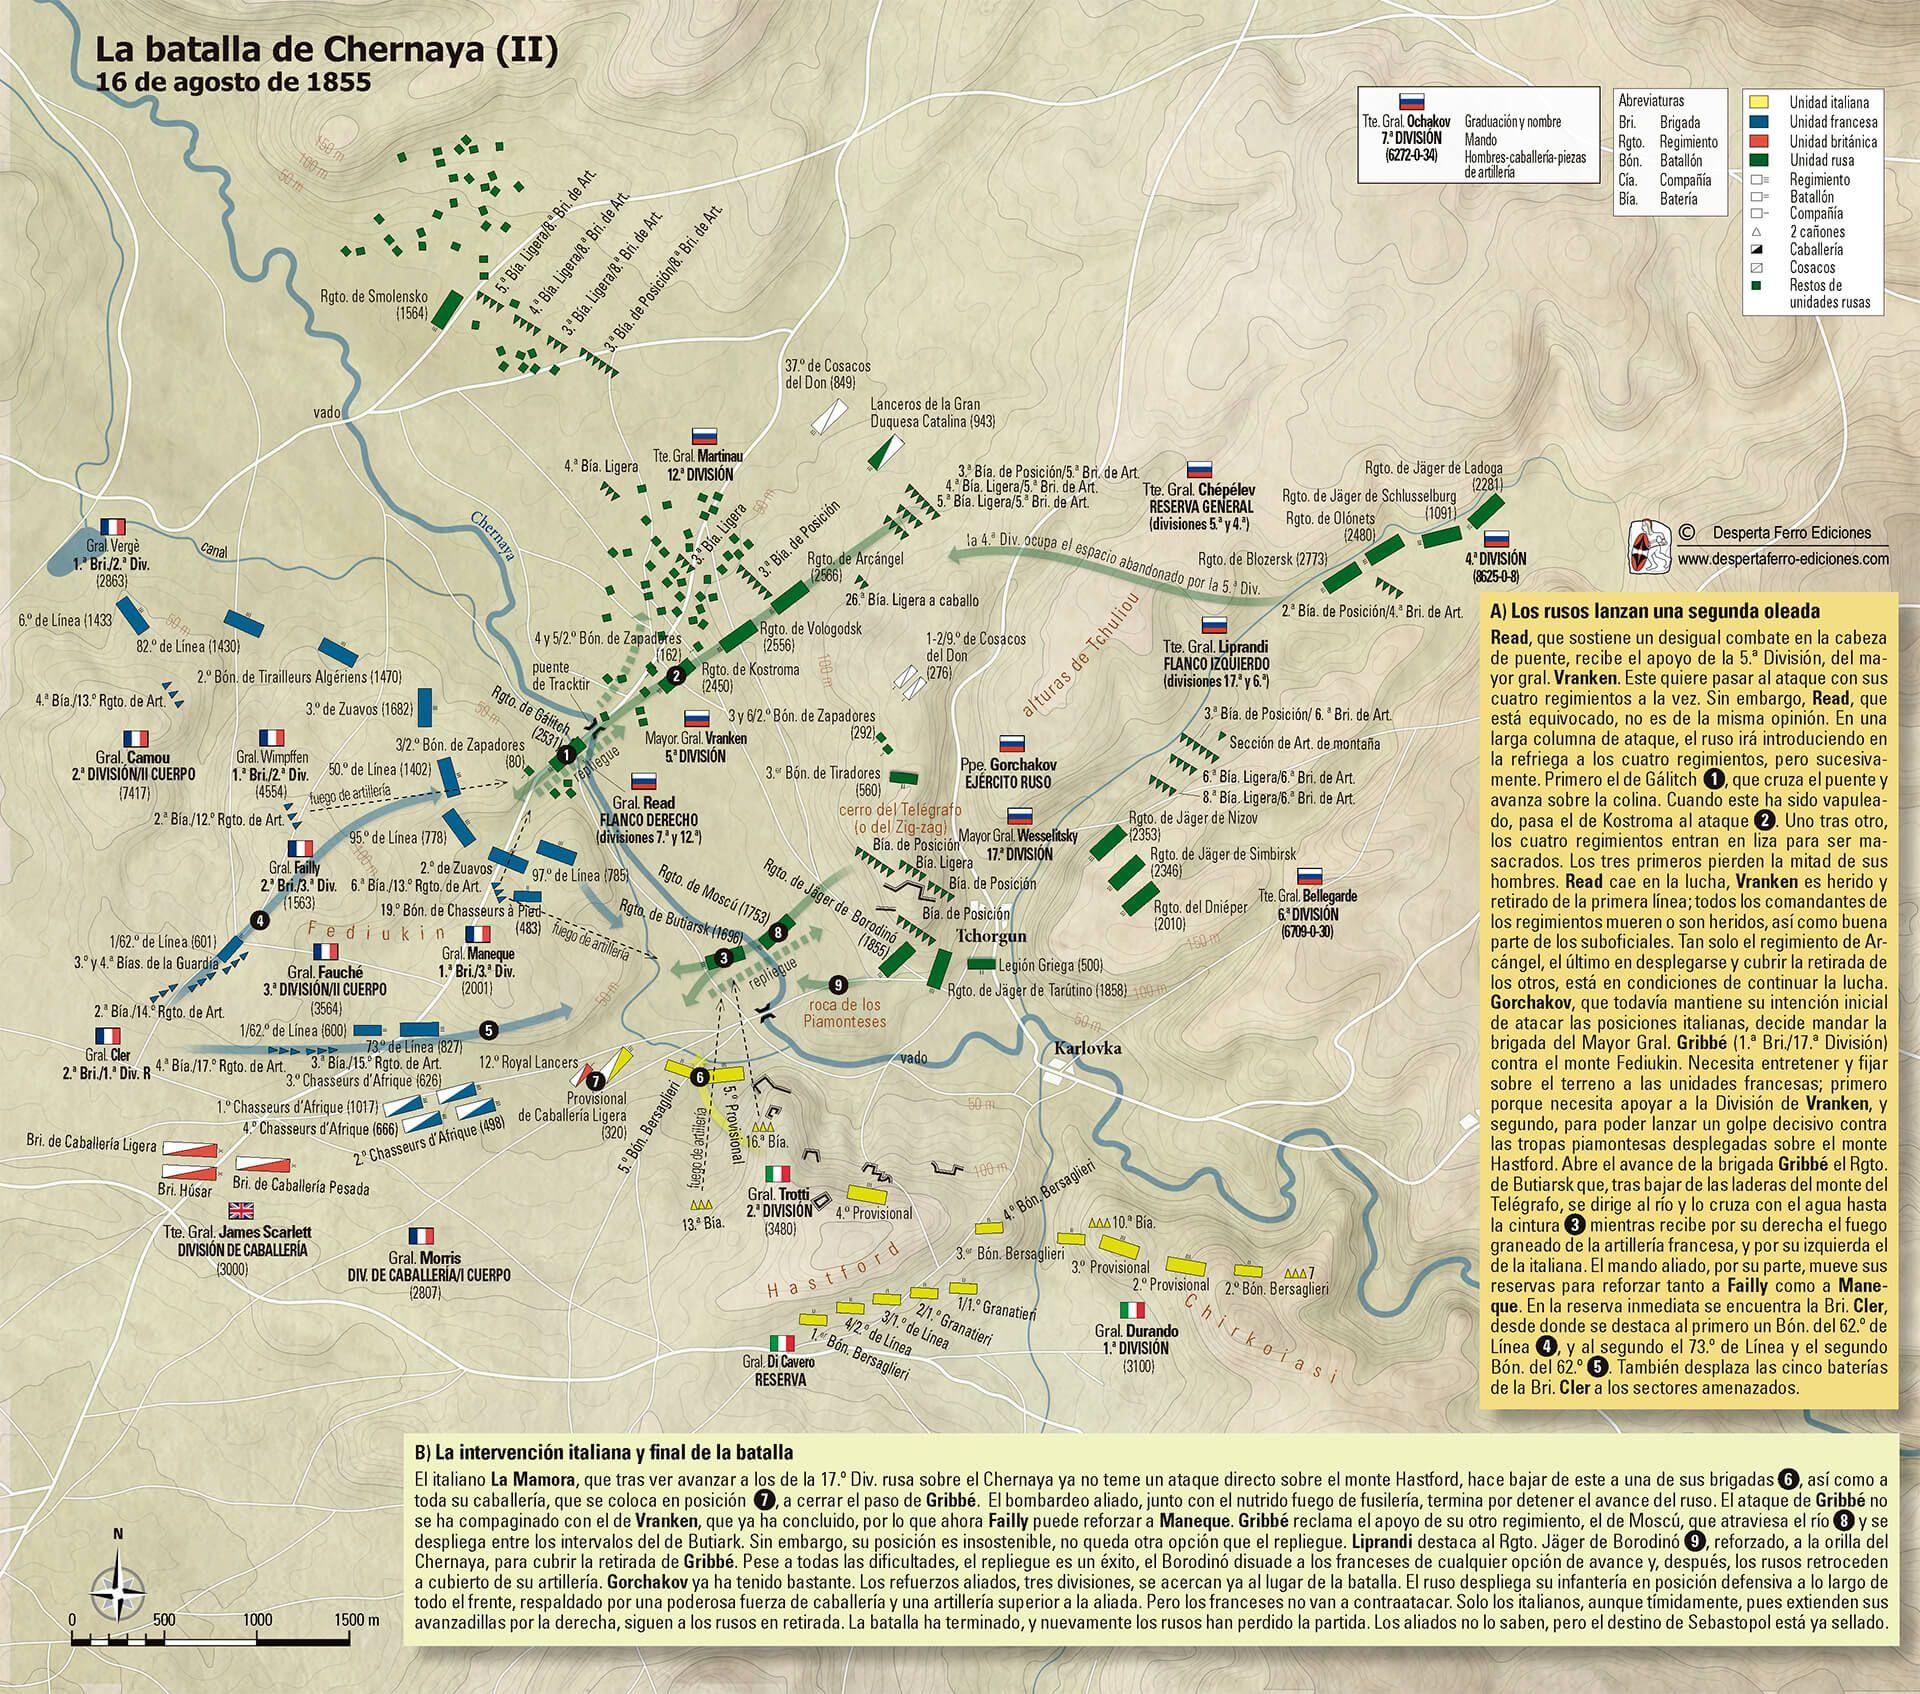 La batalla de Chernaya, 16 de agosto de 1855. II. El contrataque aliado